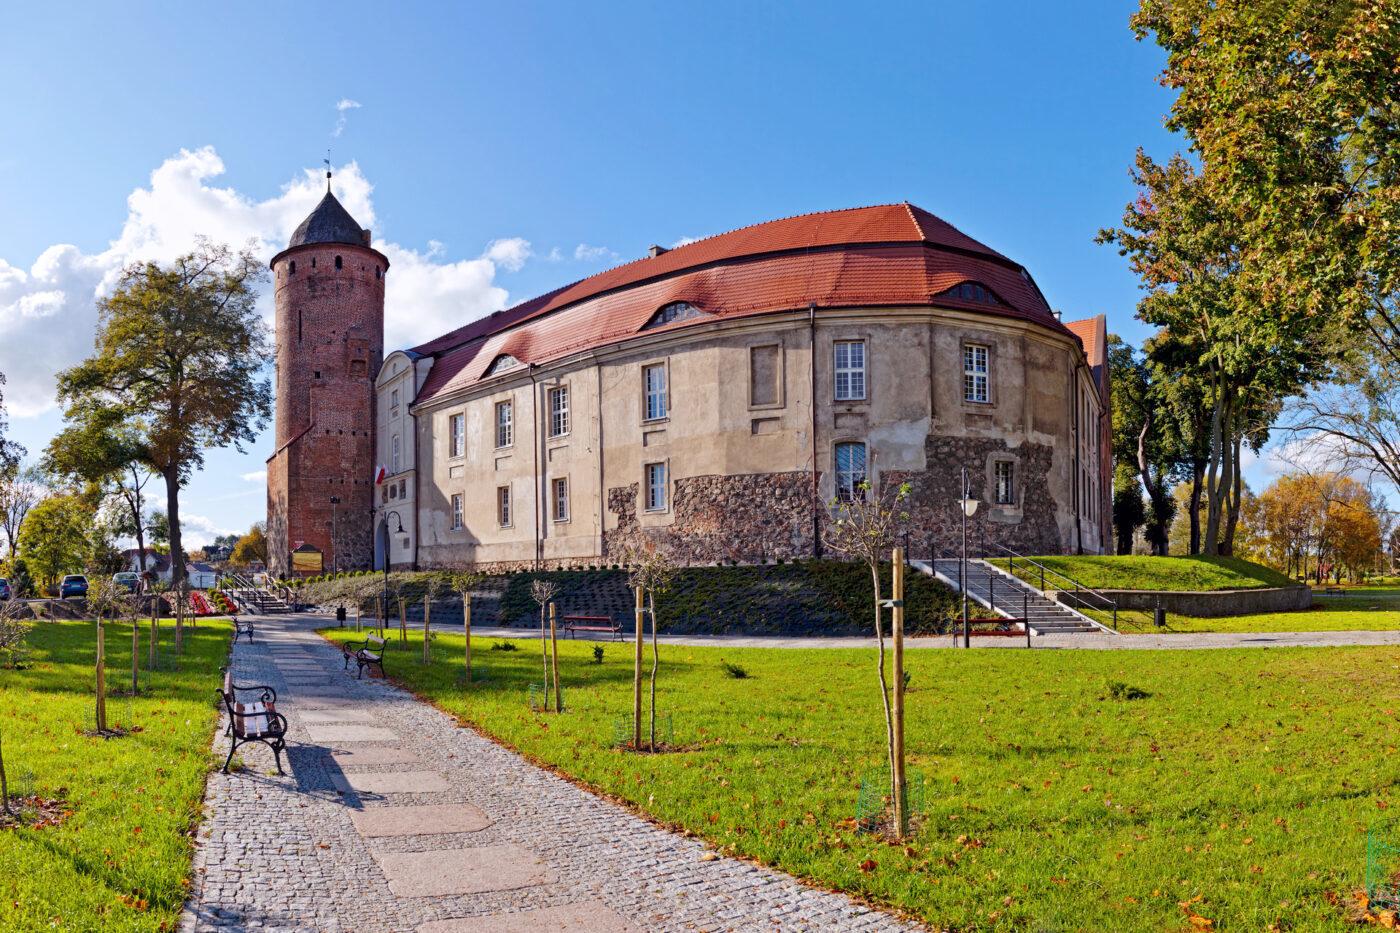 Zamek w Świdwinie – dawna forteca Krzyżaków ijoannitów